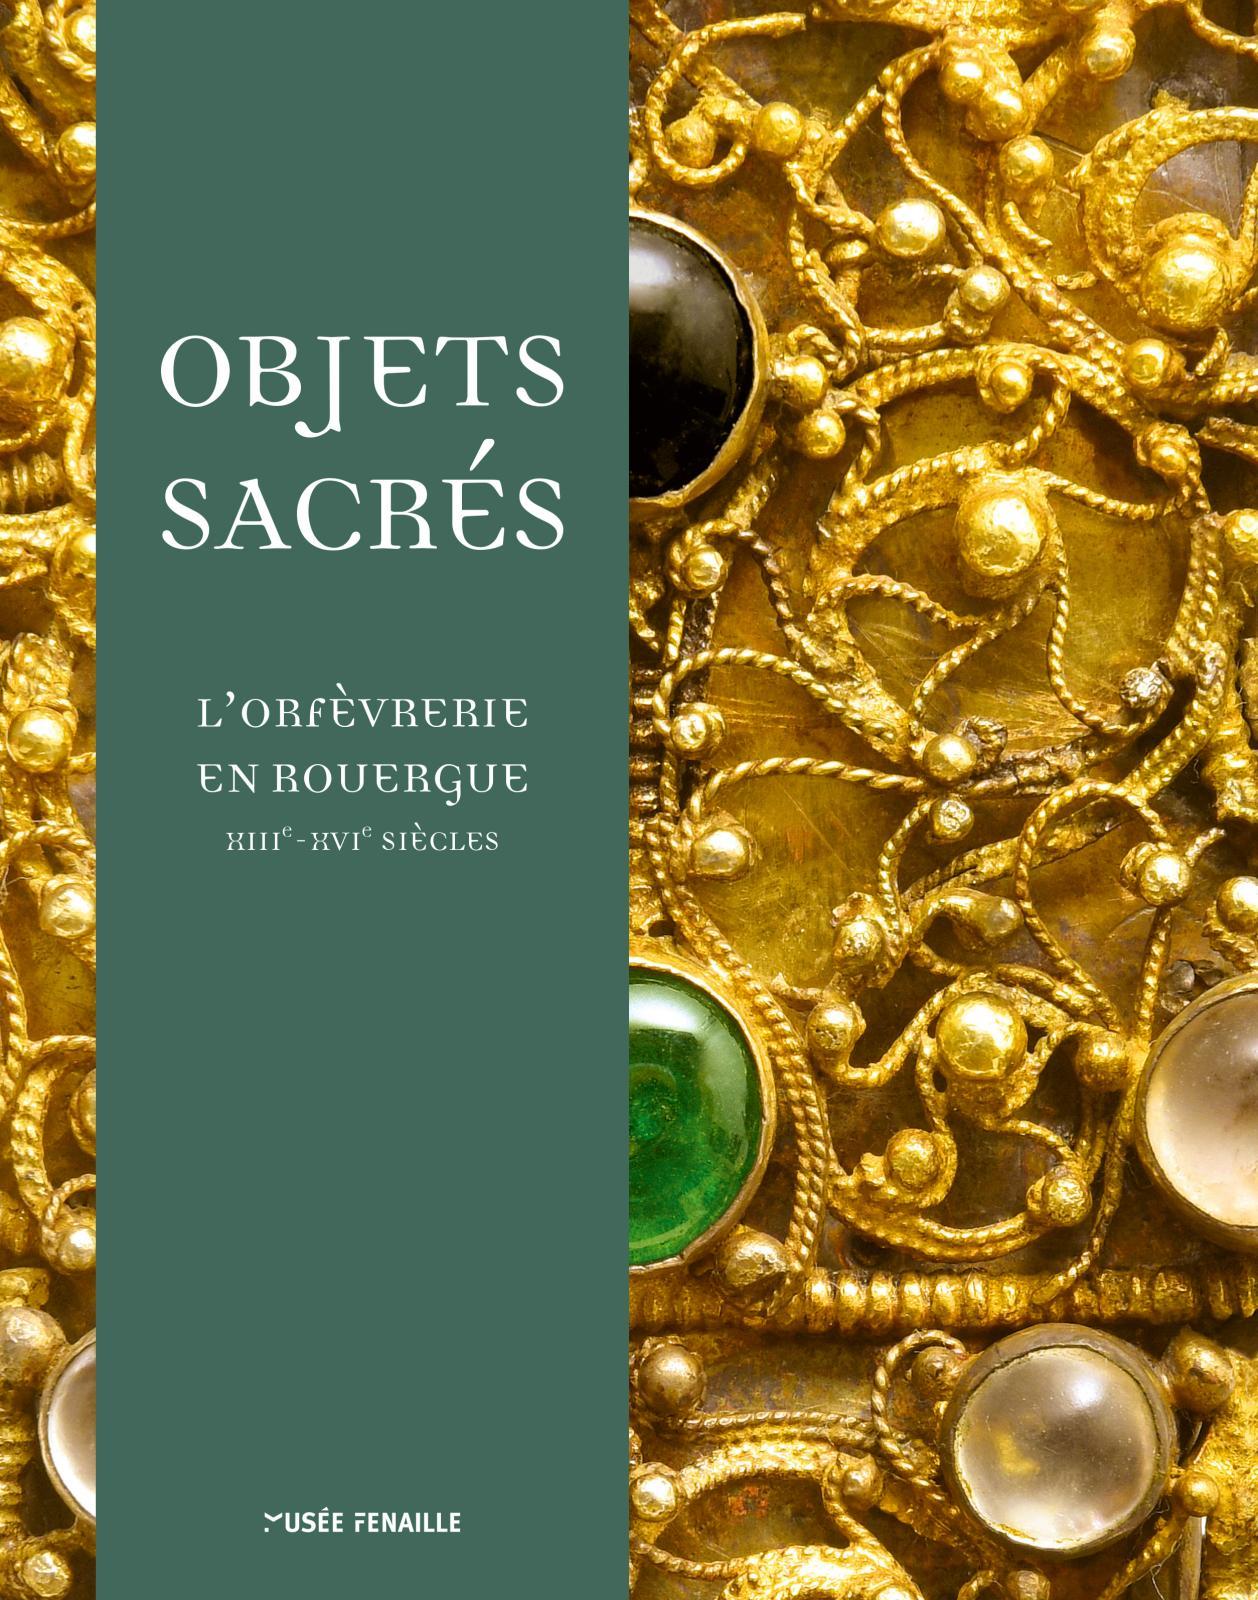 Objets sacrés Publié à l'occasion d'une exposition au musée Fenaille de Rodez, cet ouvrage est la synthèse des recherches sur le sujet, de